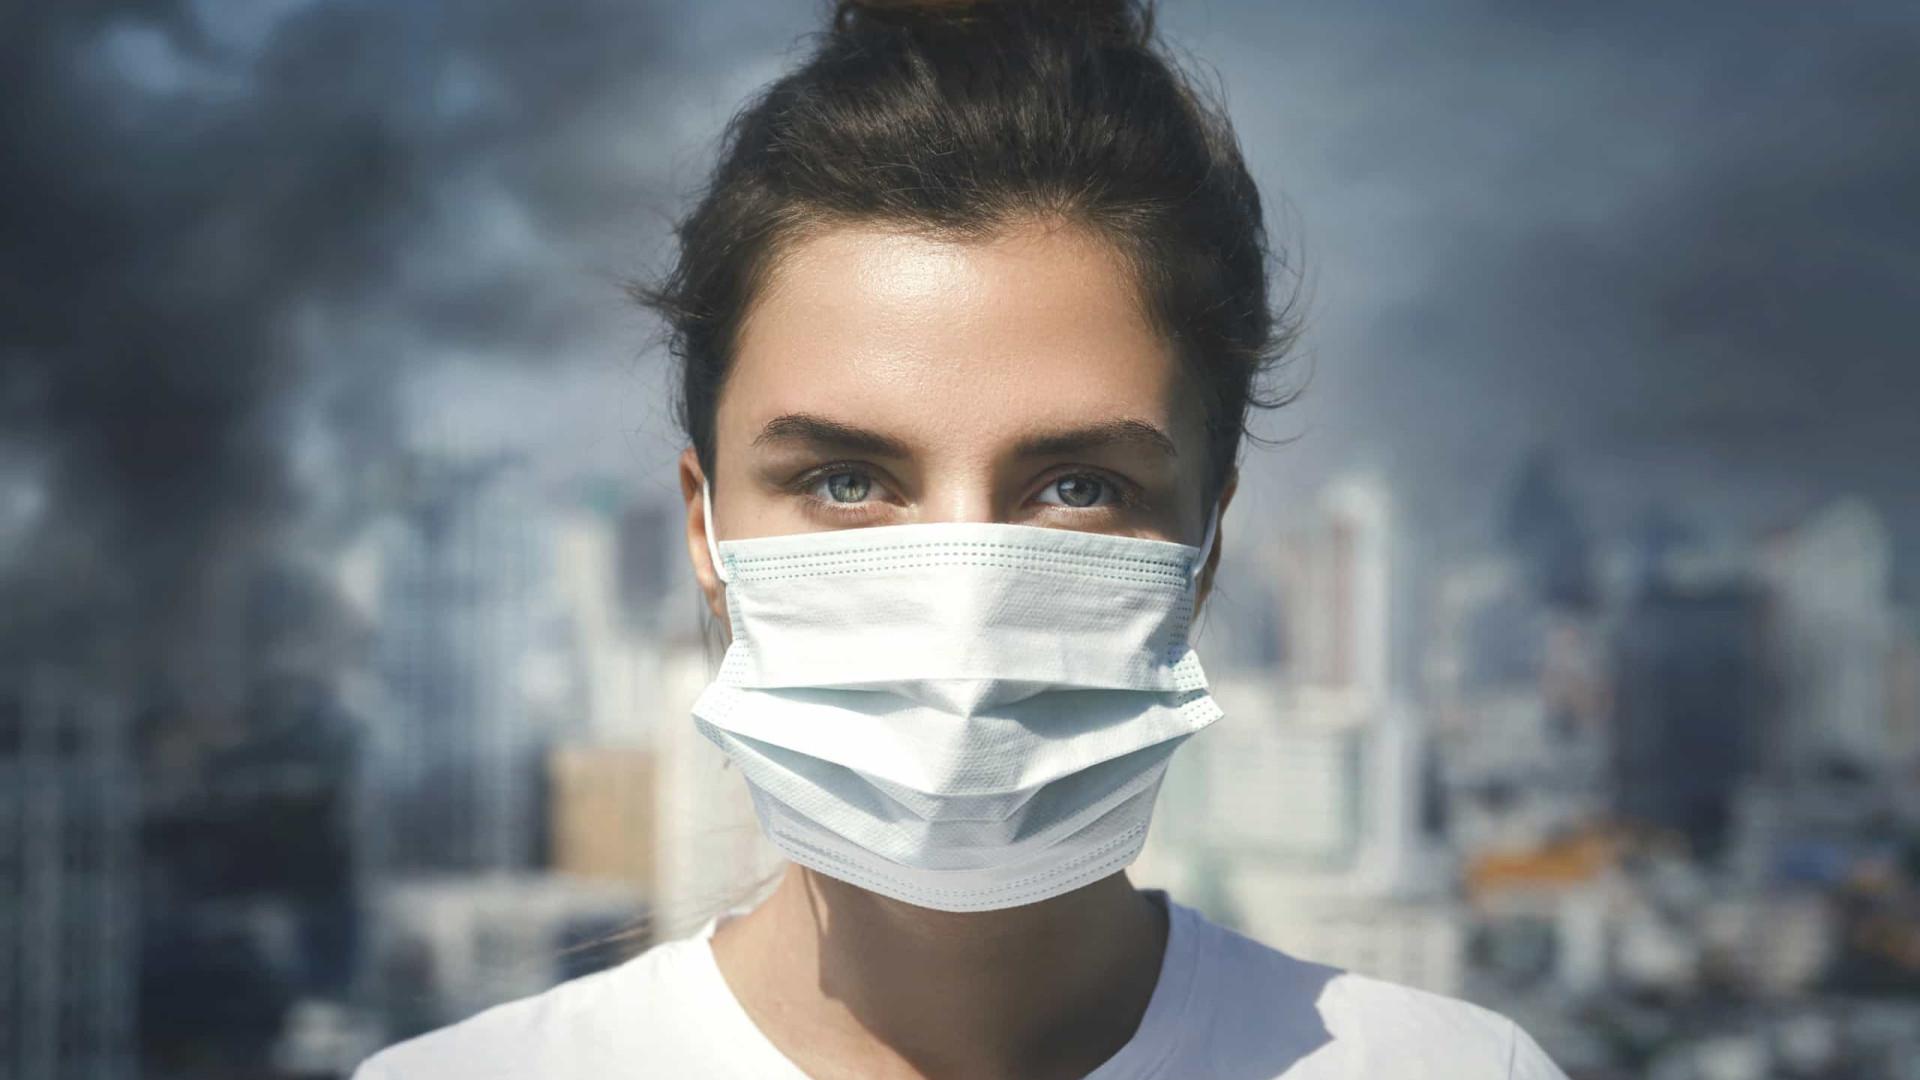 Poluição atmosférica engorda e aumenta o colesterol, defende estudo